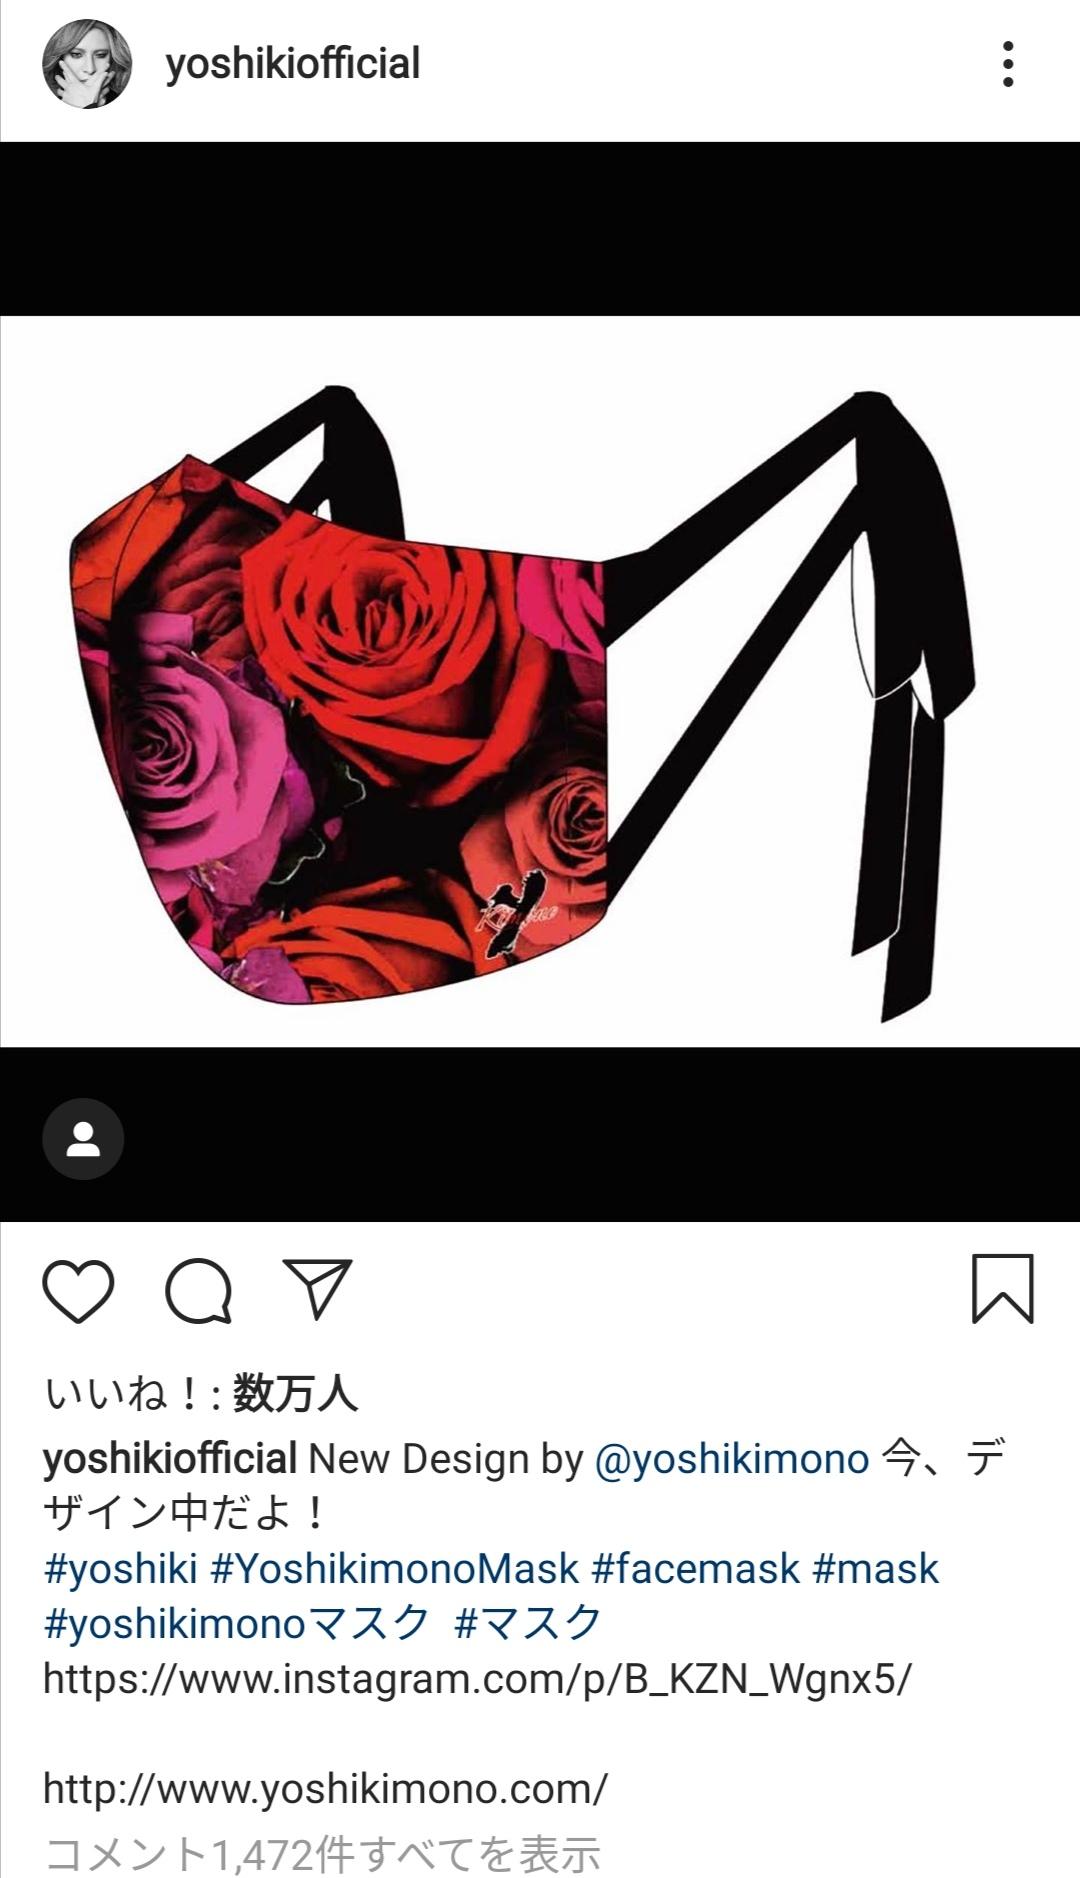 ヨシキ マスク